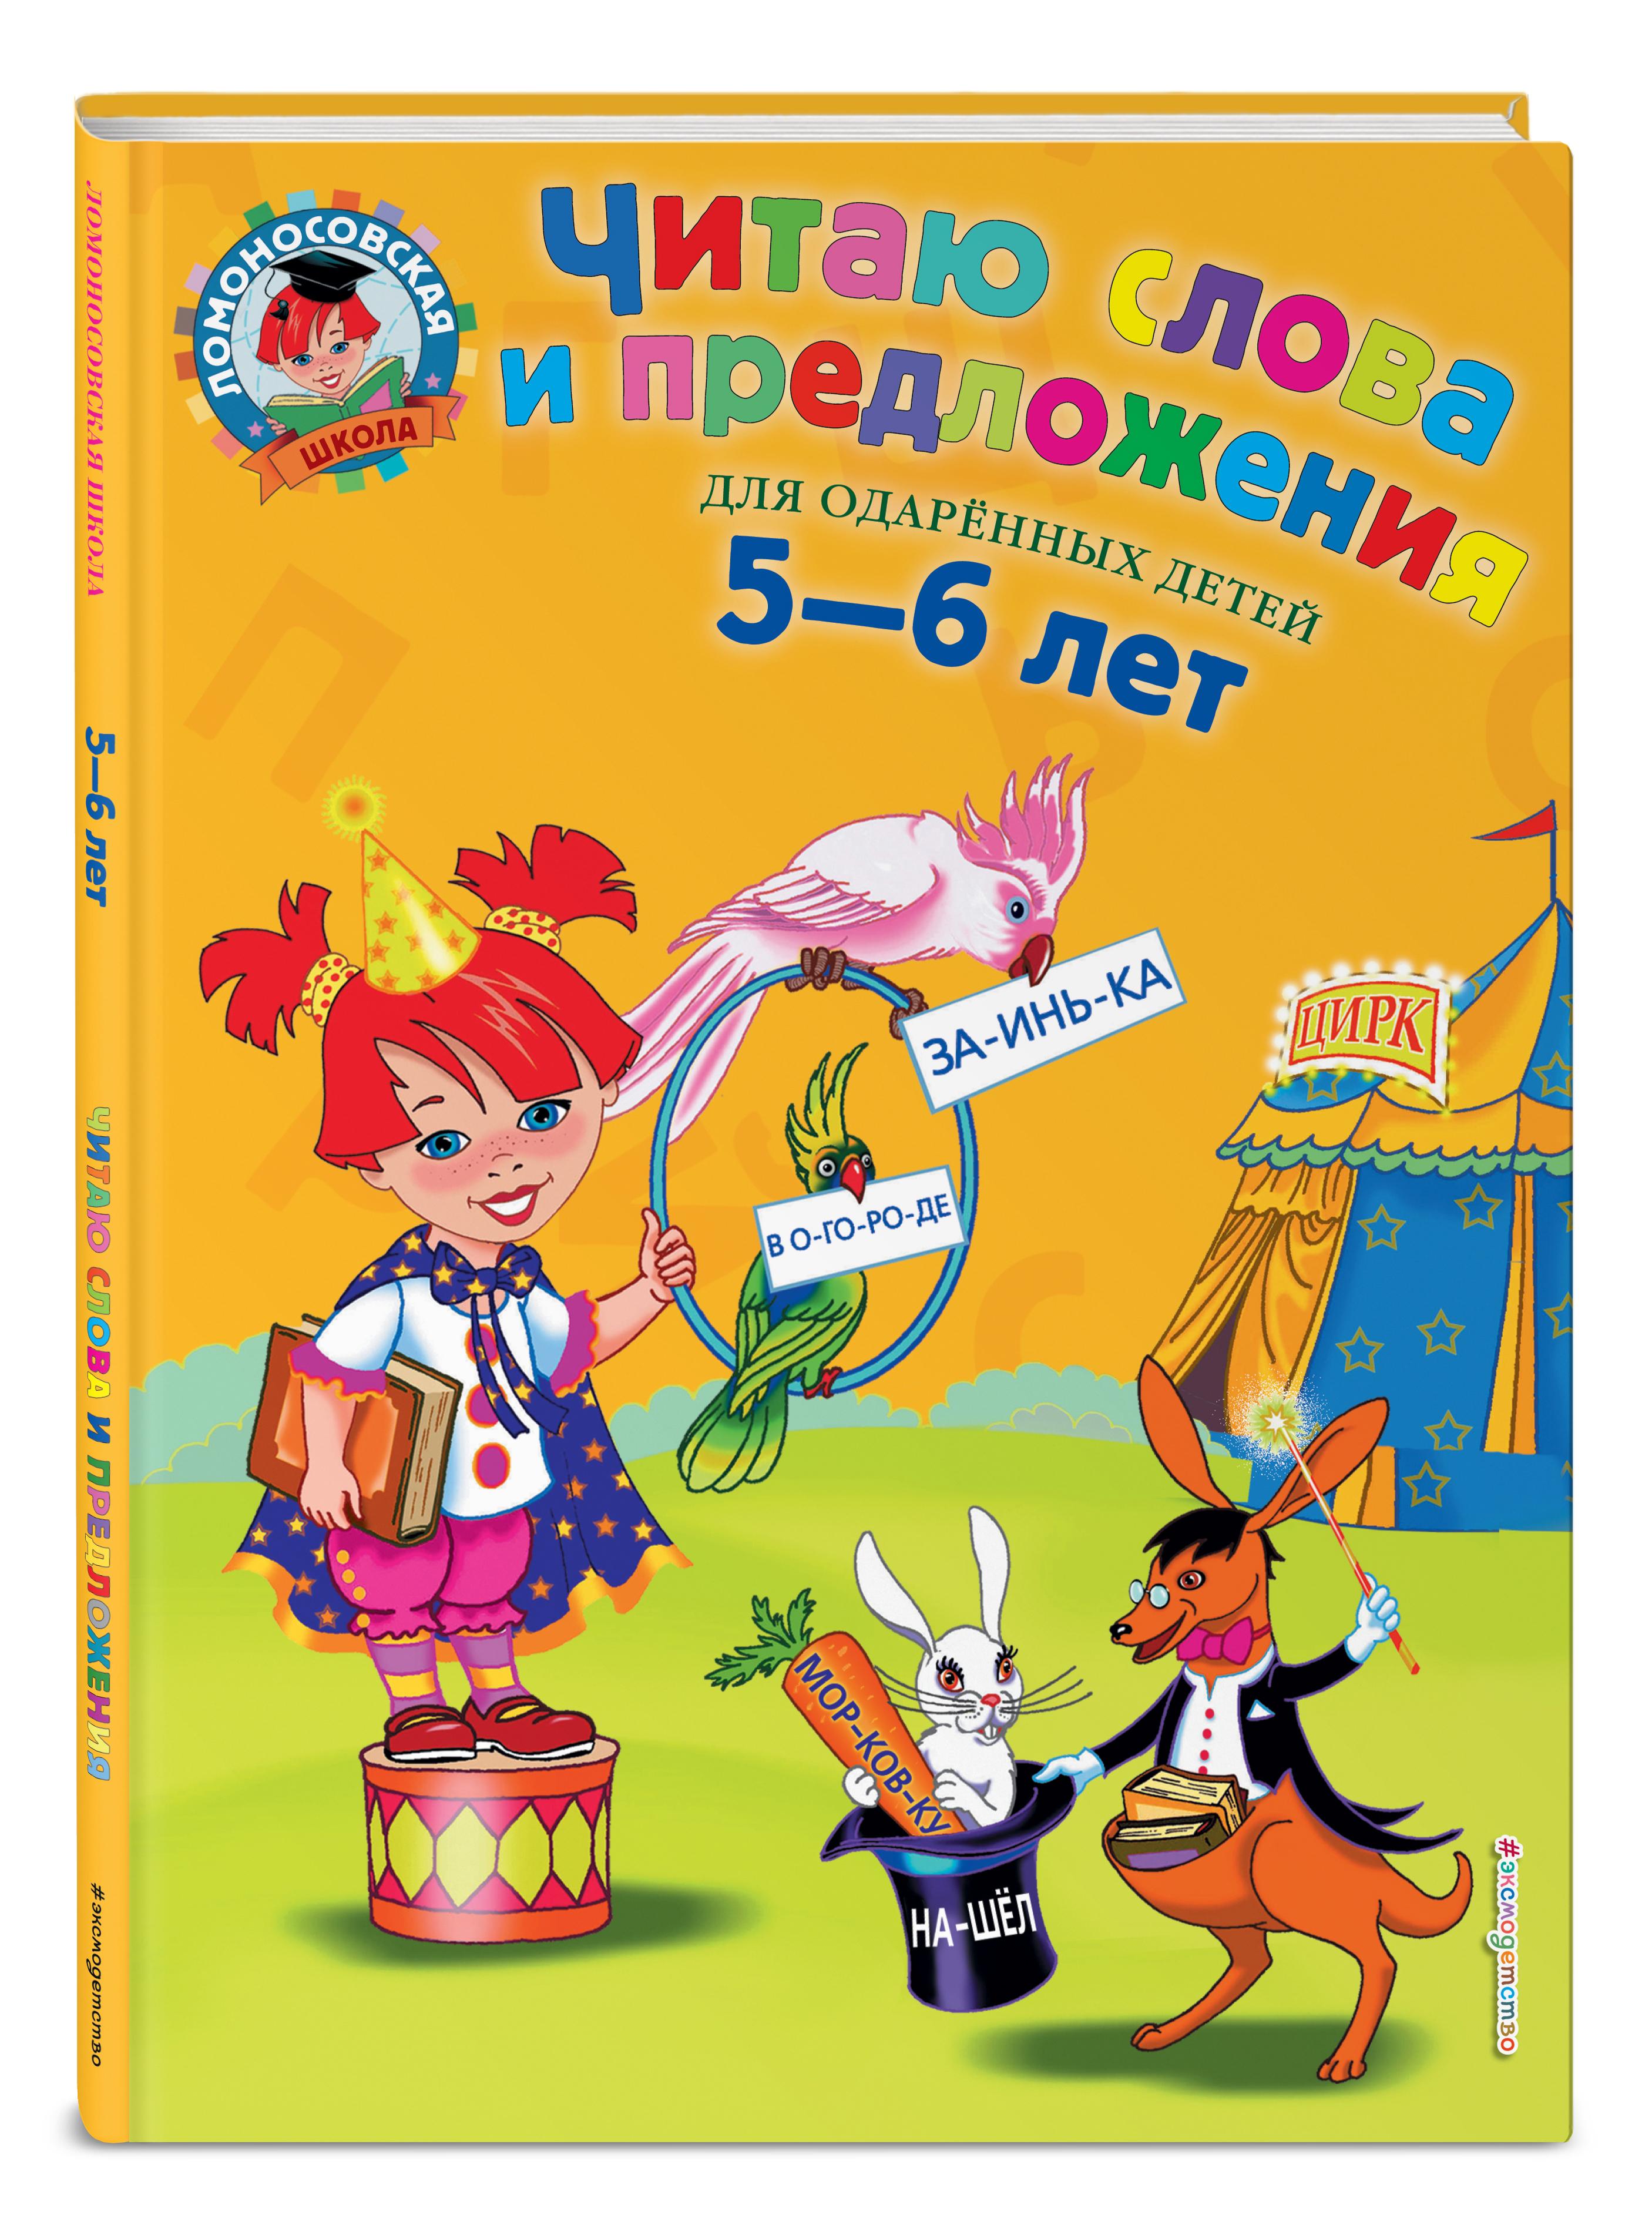 Пятак С.В. Читаю слова и предложения: для детей 5-6 лет